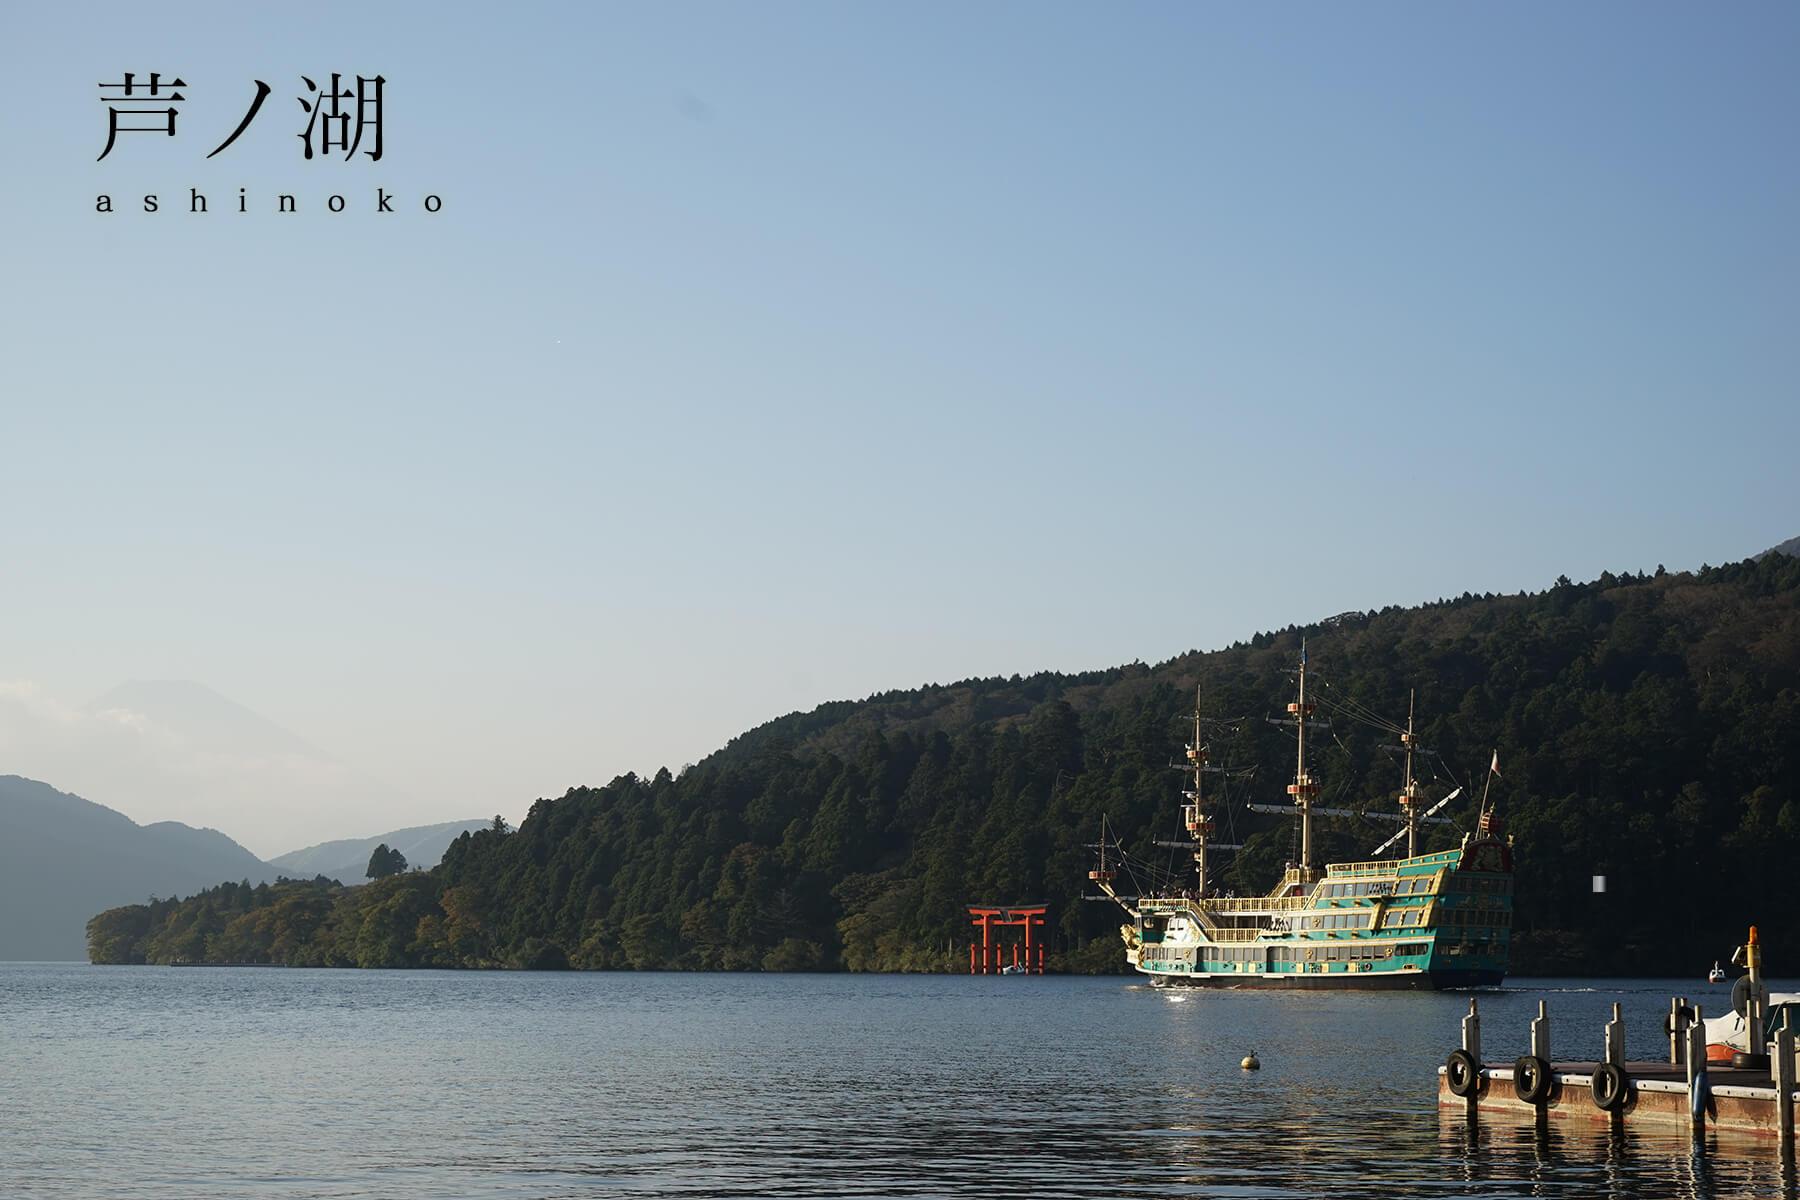 場所別|芦ノ湖エリア